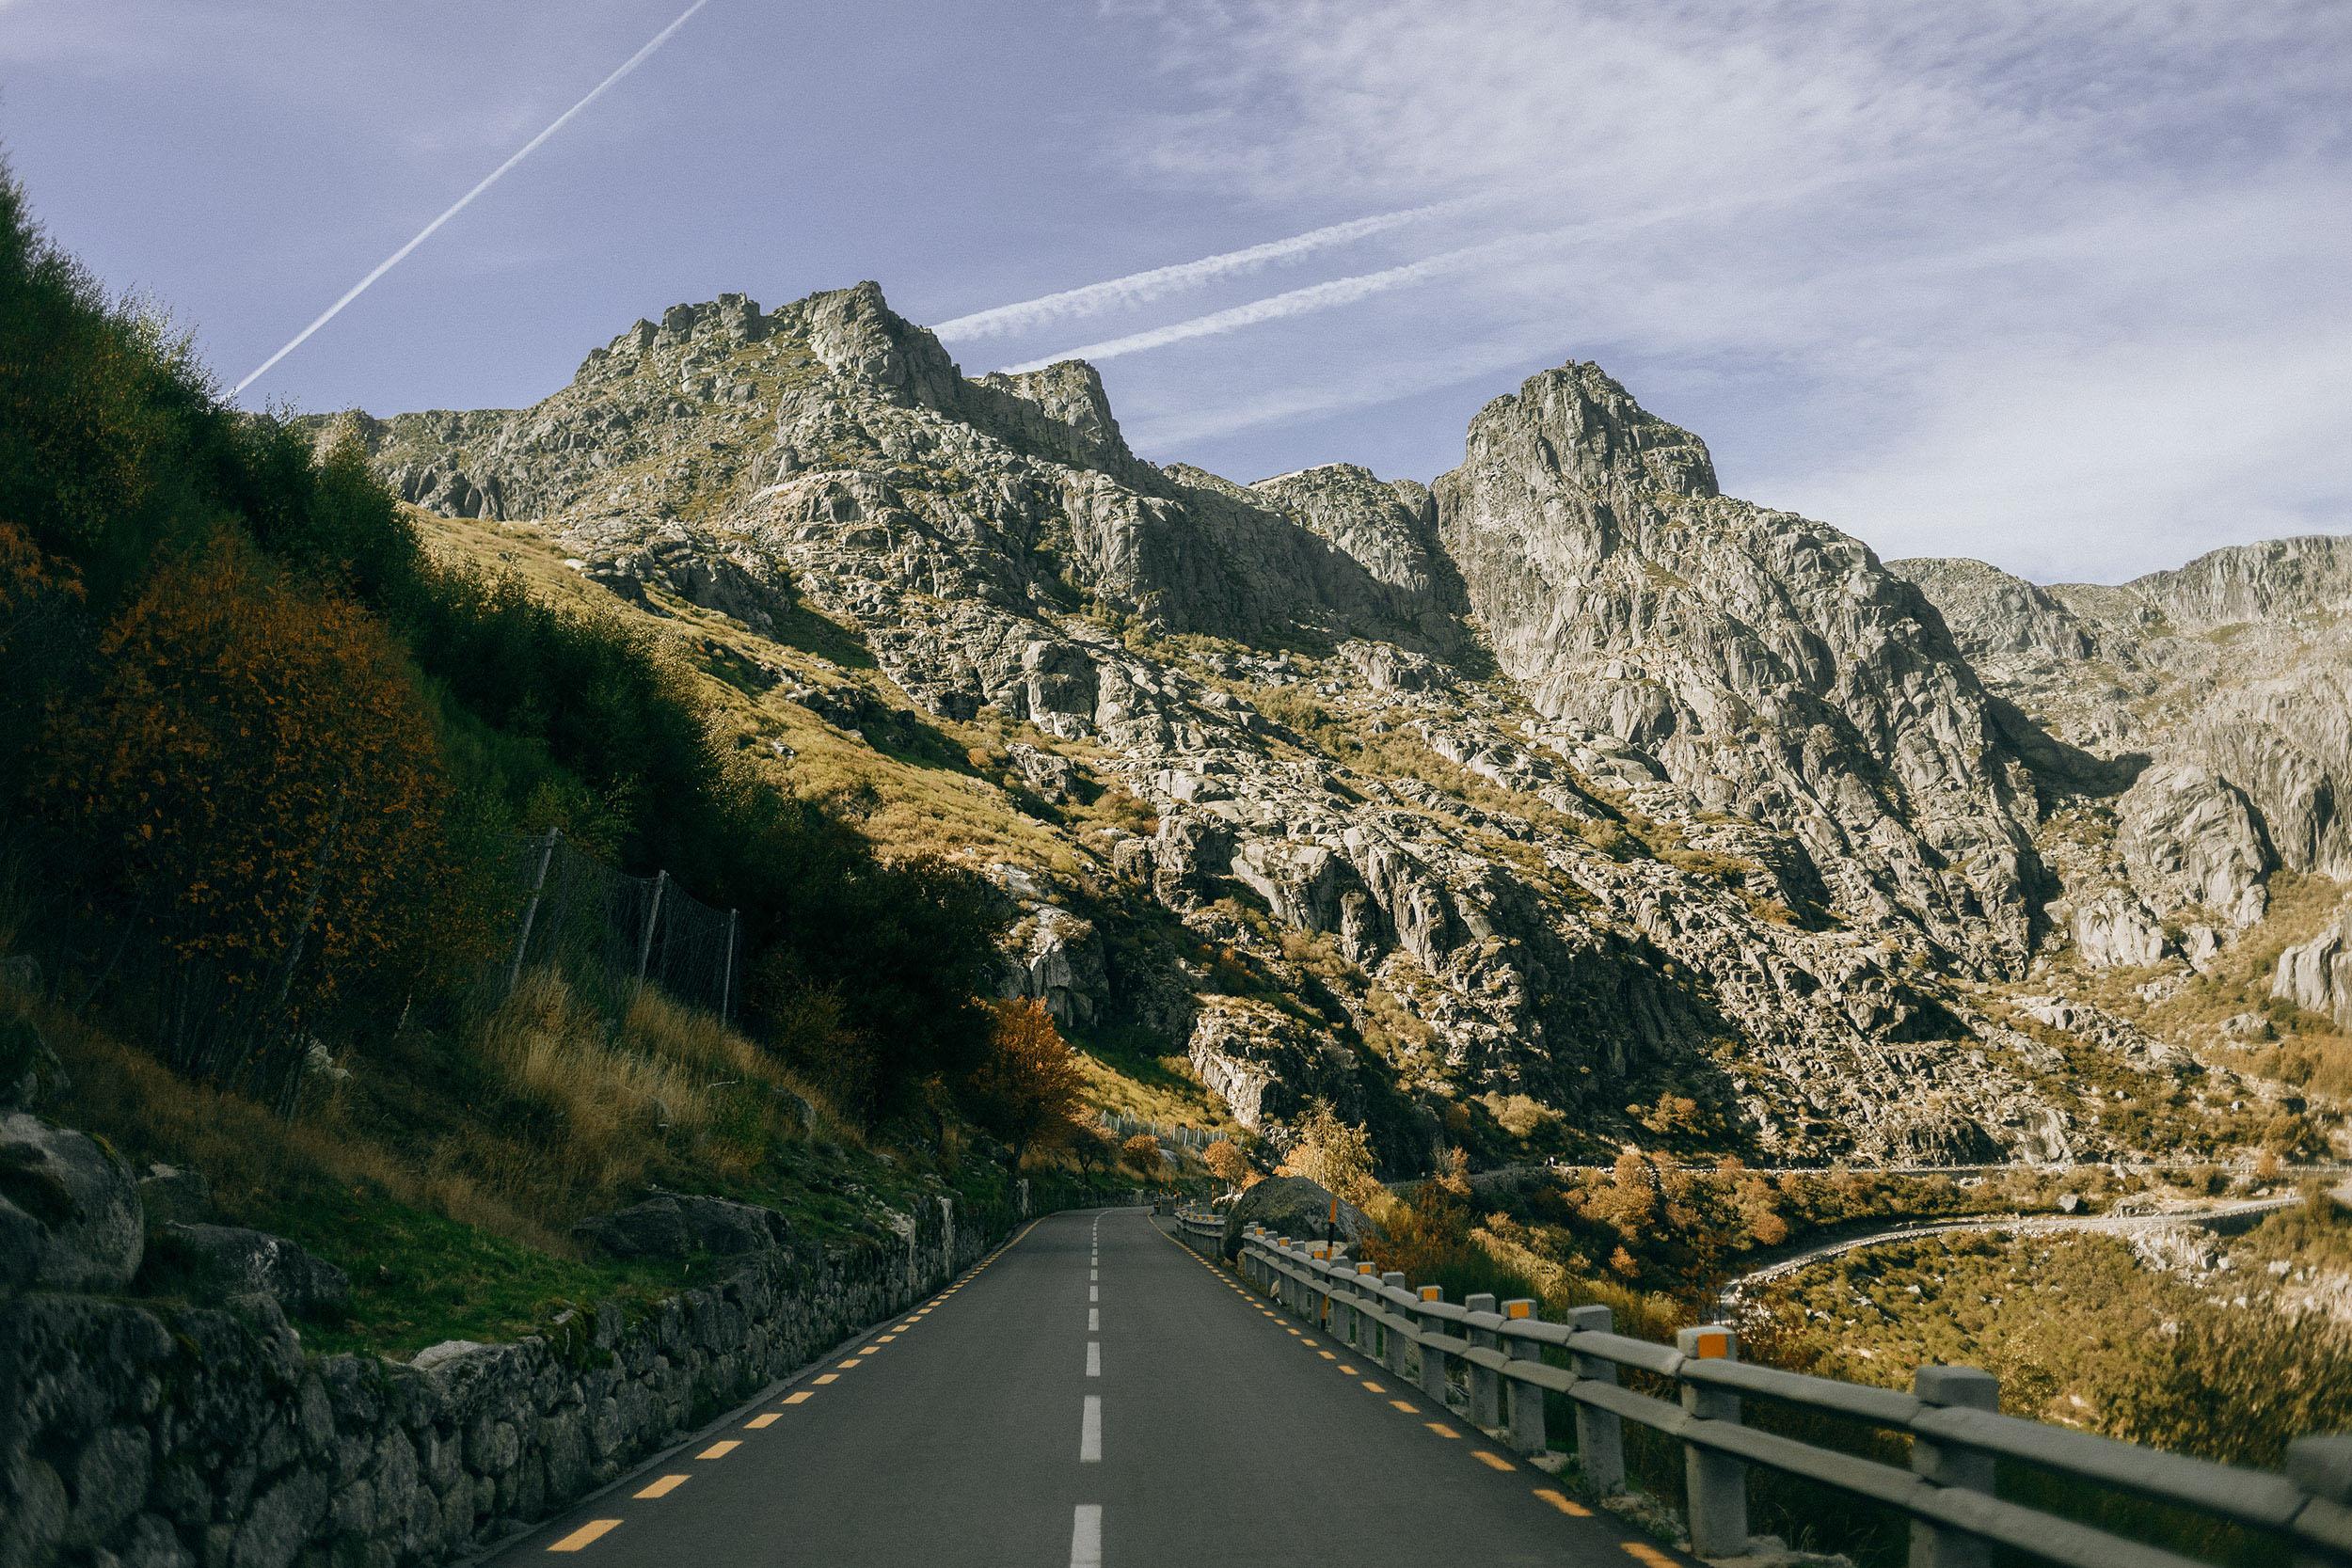 Место силы: горы Серра-да-Эштрела в Португалии Место силы: горы Серра-да-Эштрела в Португалии 8big